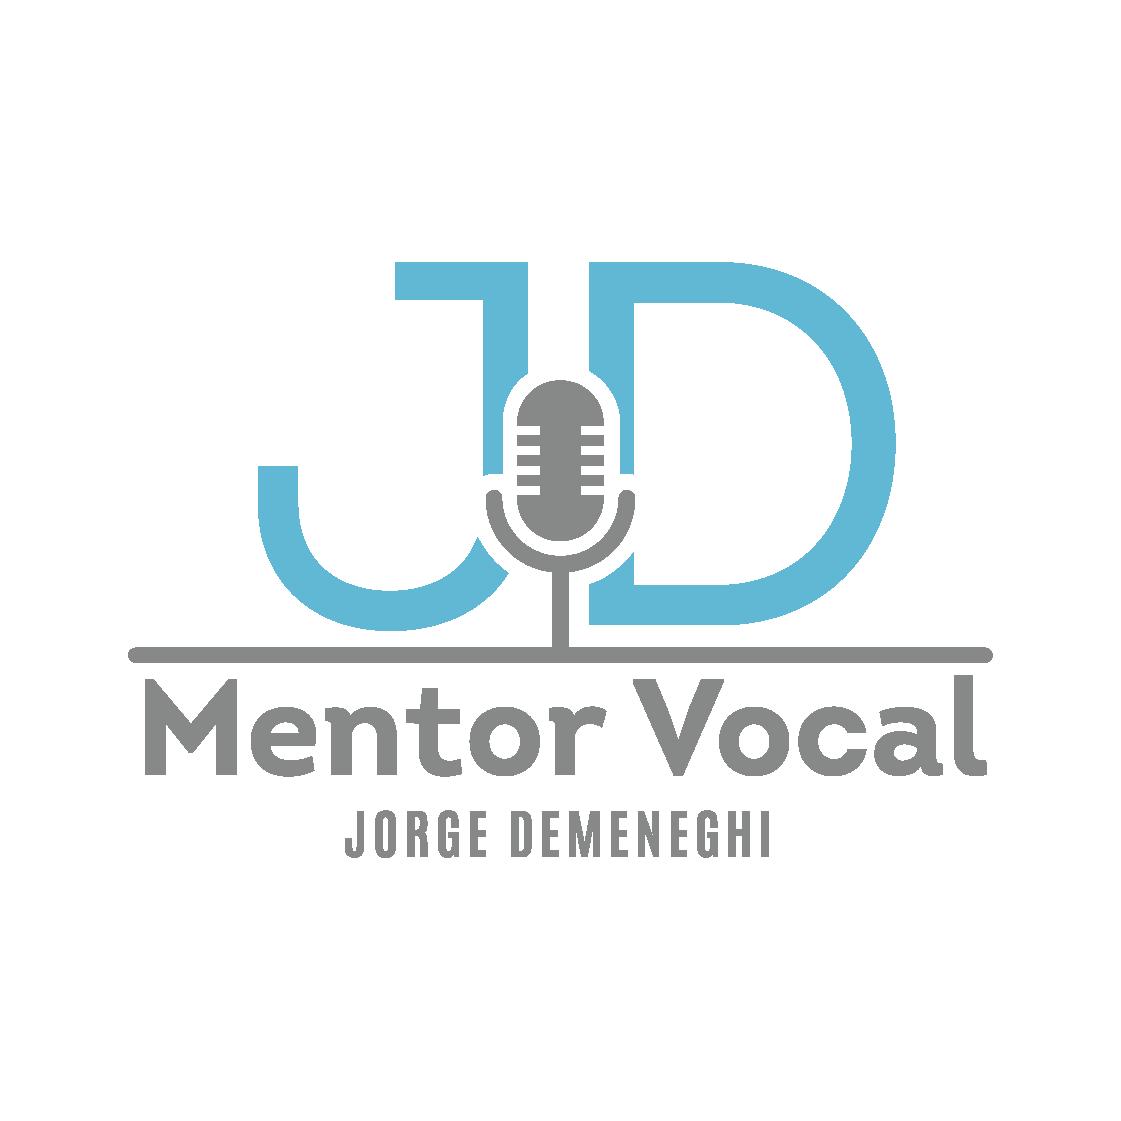 JD mentor vocal transparente